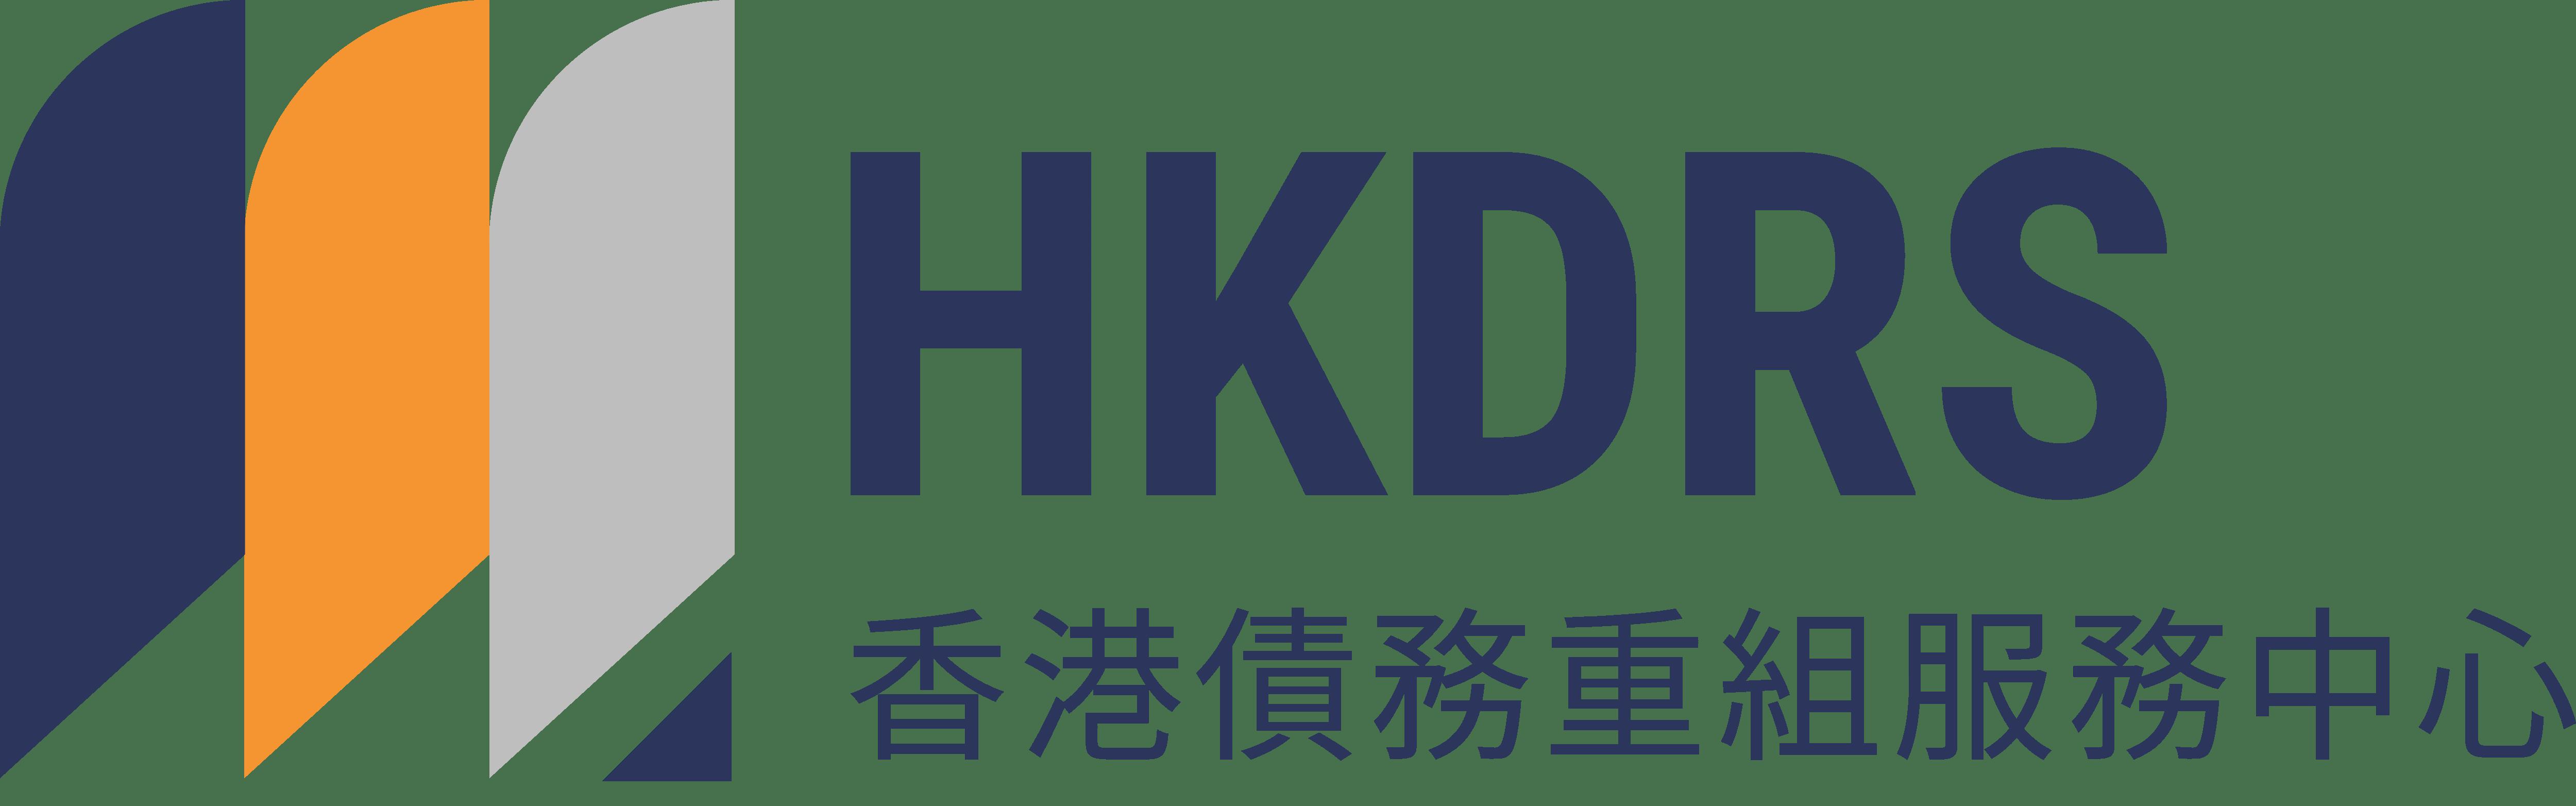 HKDRS